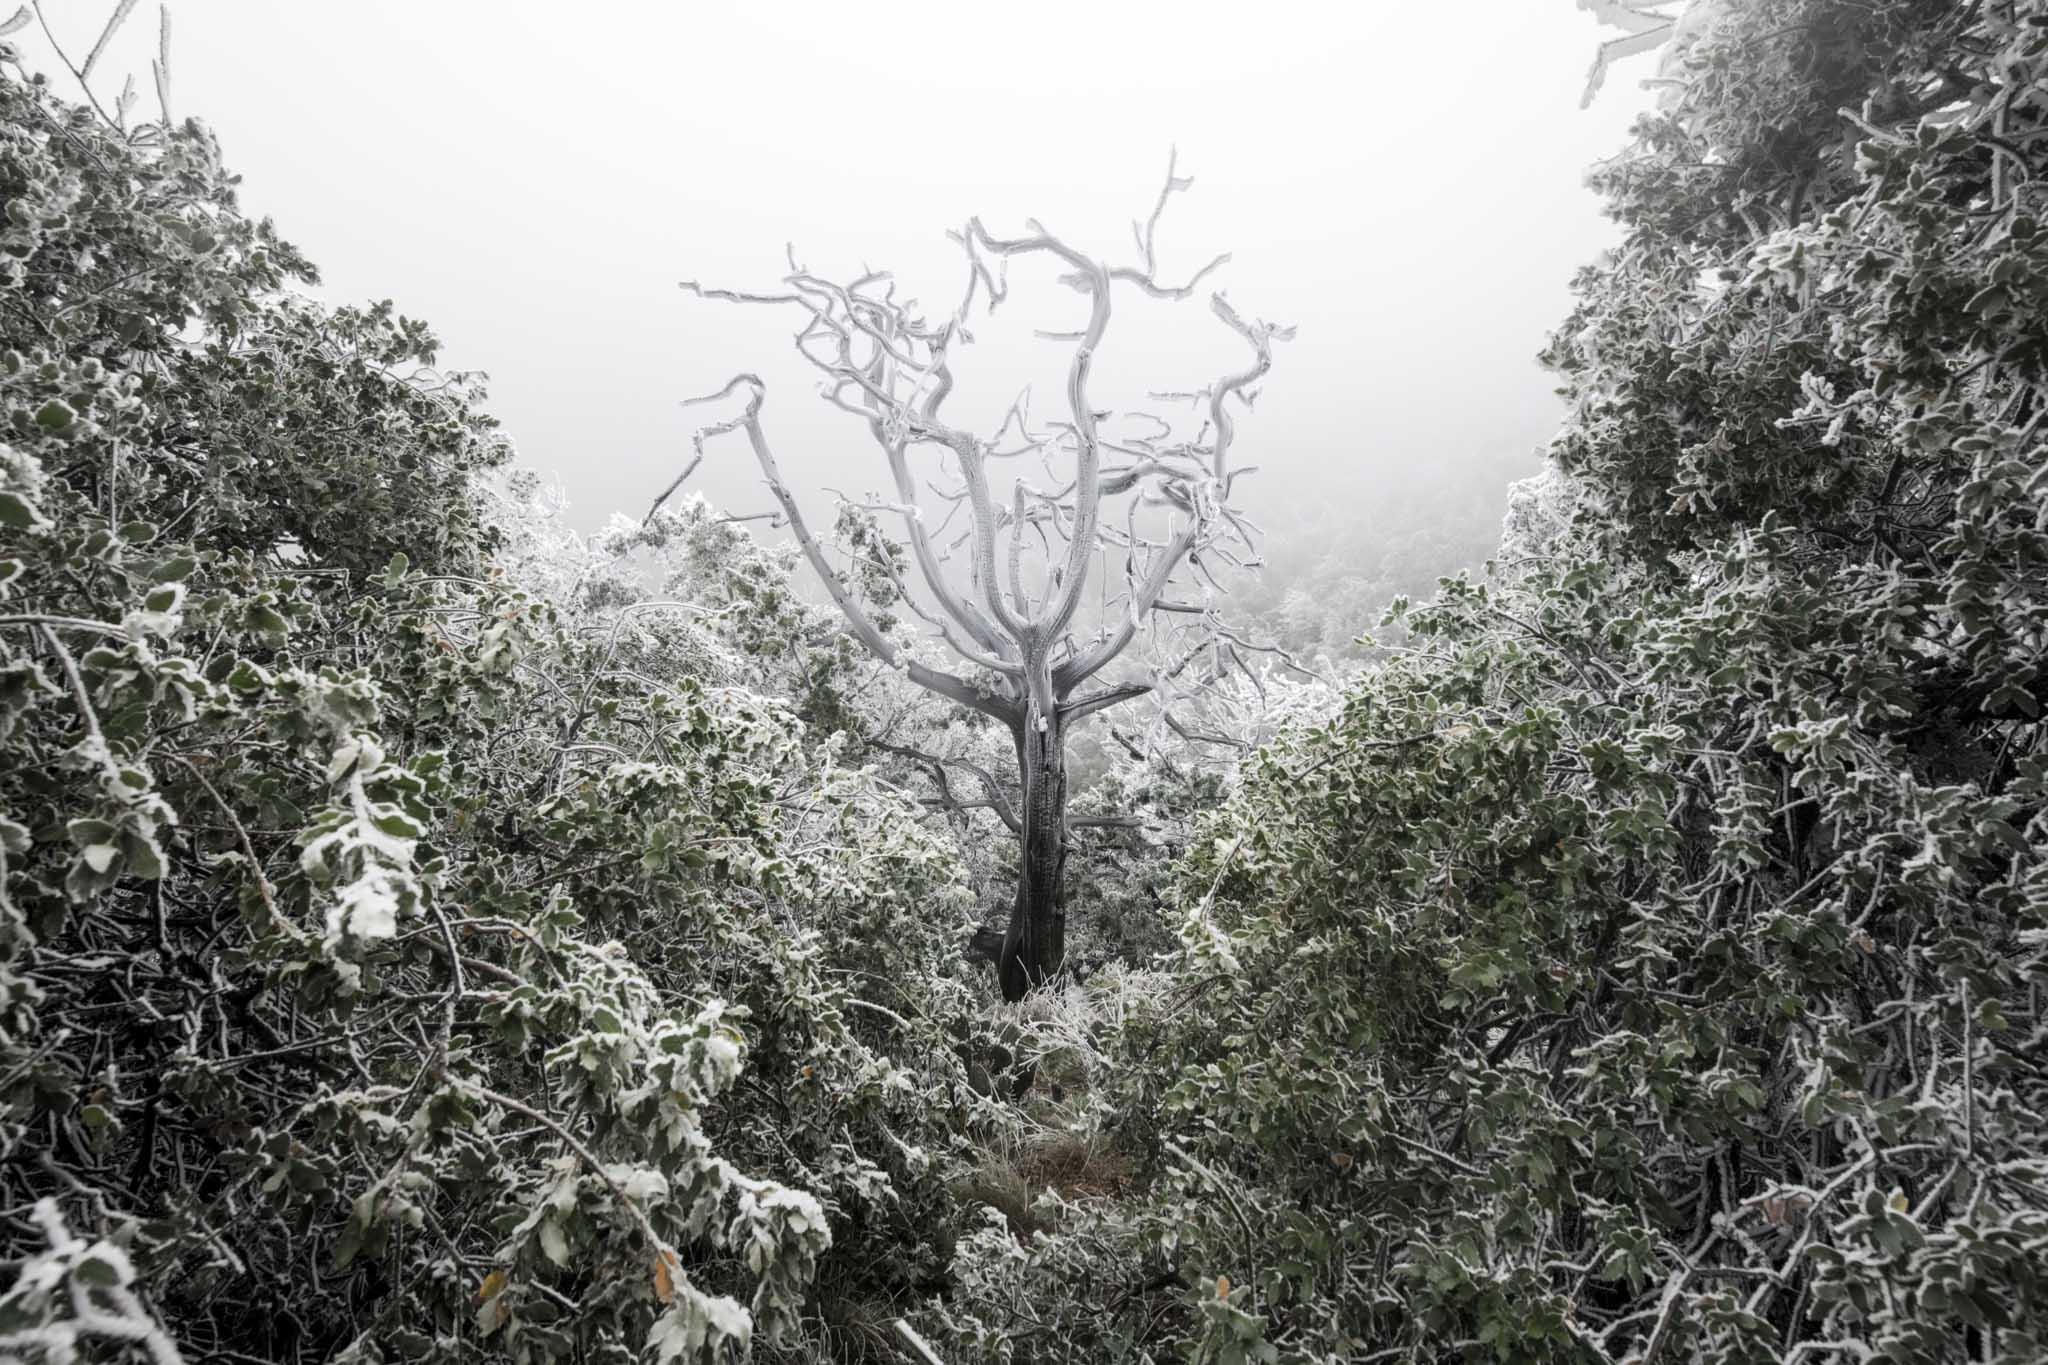 Fotografía de paisaje: vegetacion congelada en las montañas Chisos, Big Bend National Park texas. Obra del artista Pablo Fregoso